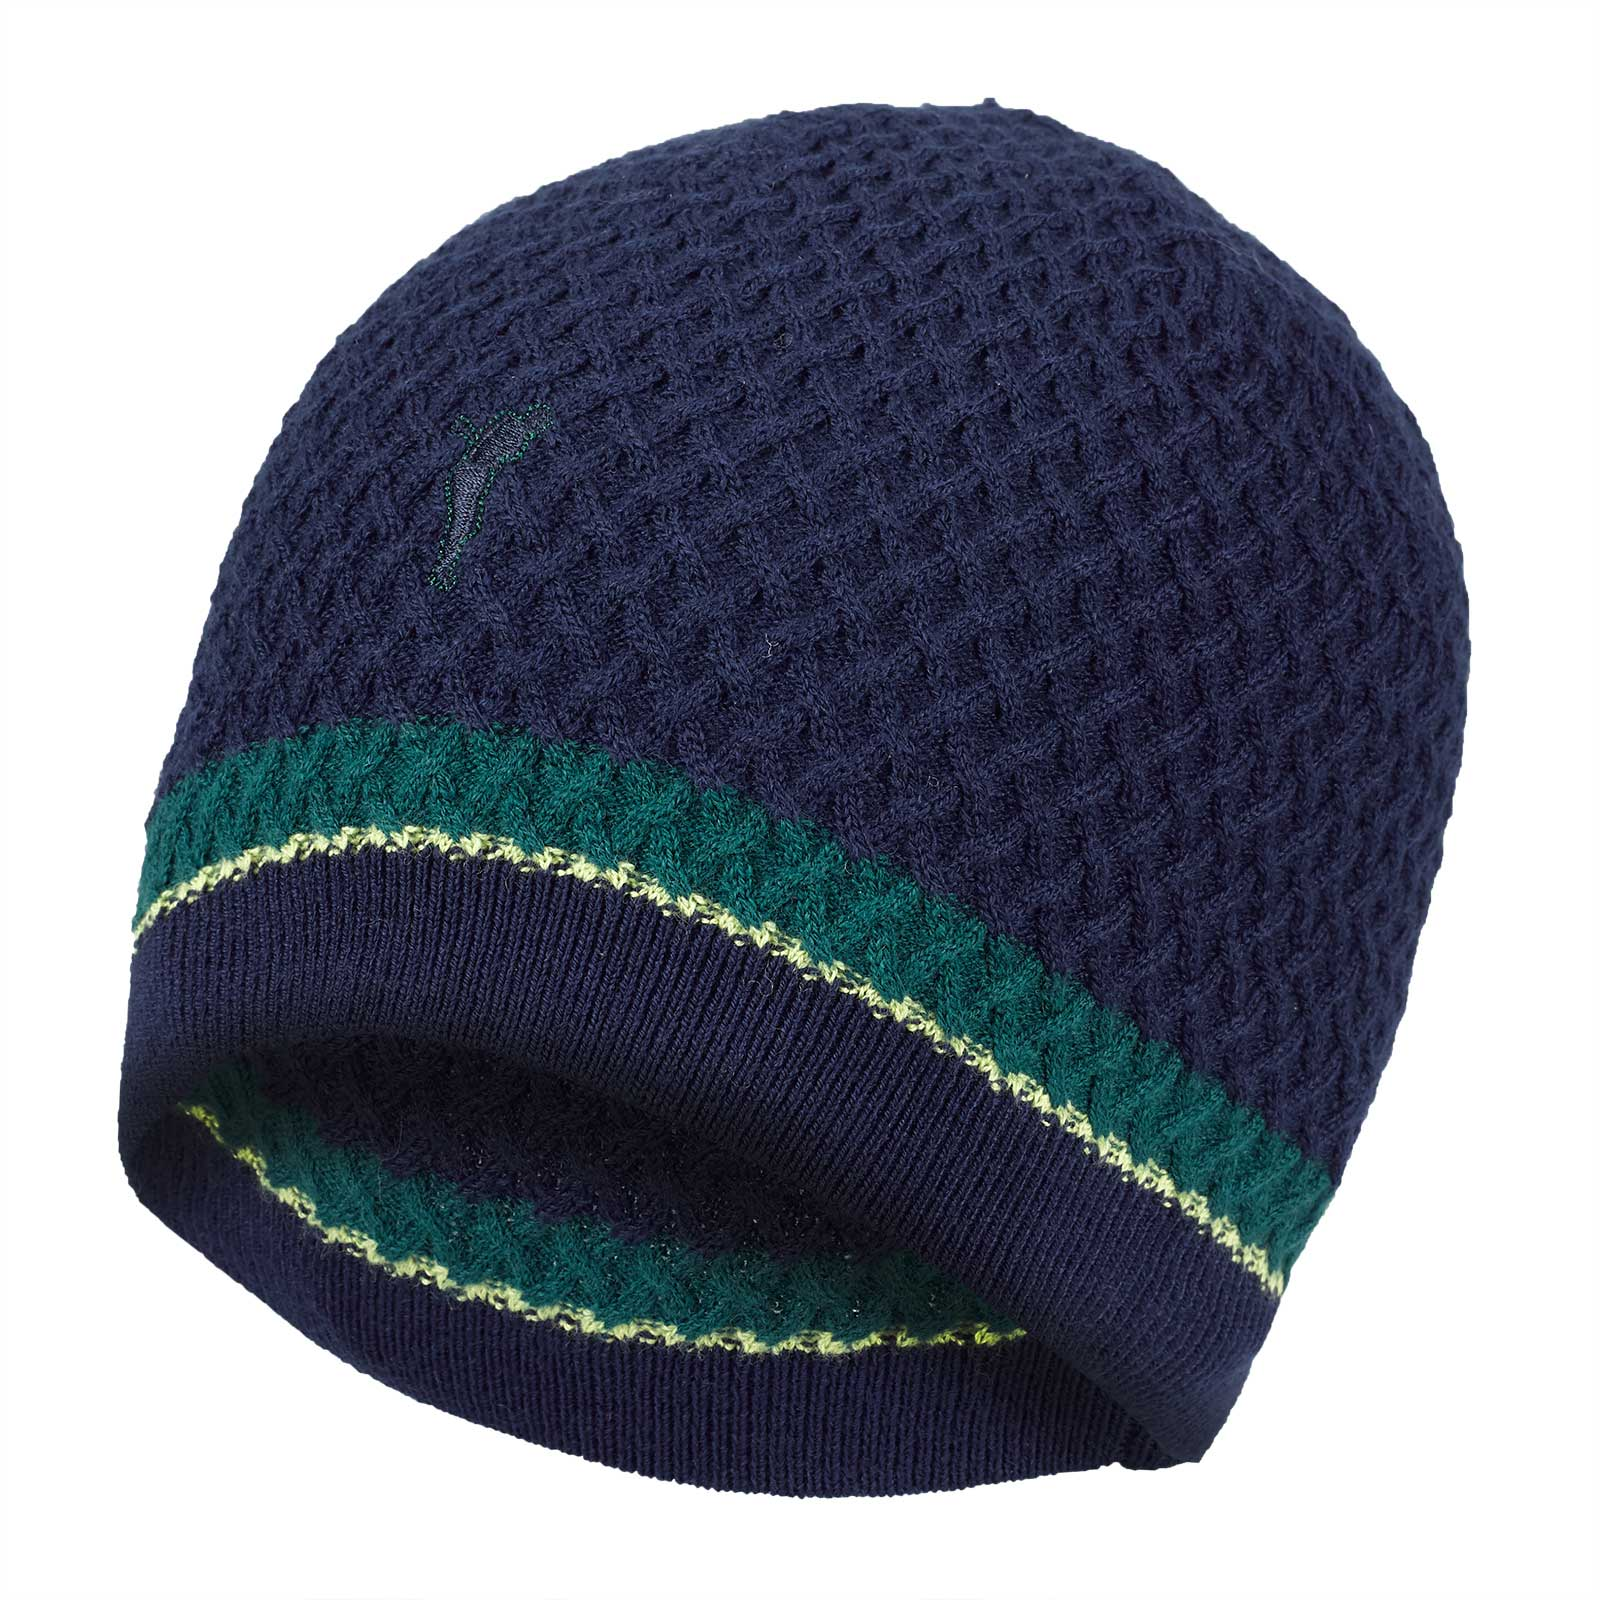 Herren Golf-Strickmütze mit Streifenmuster aus geschmeidigem Merino-Mix